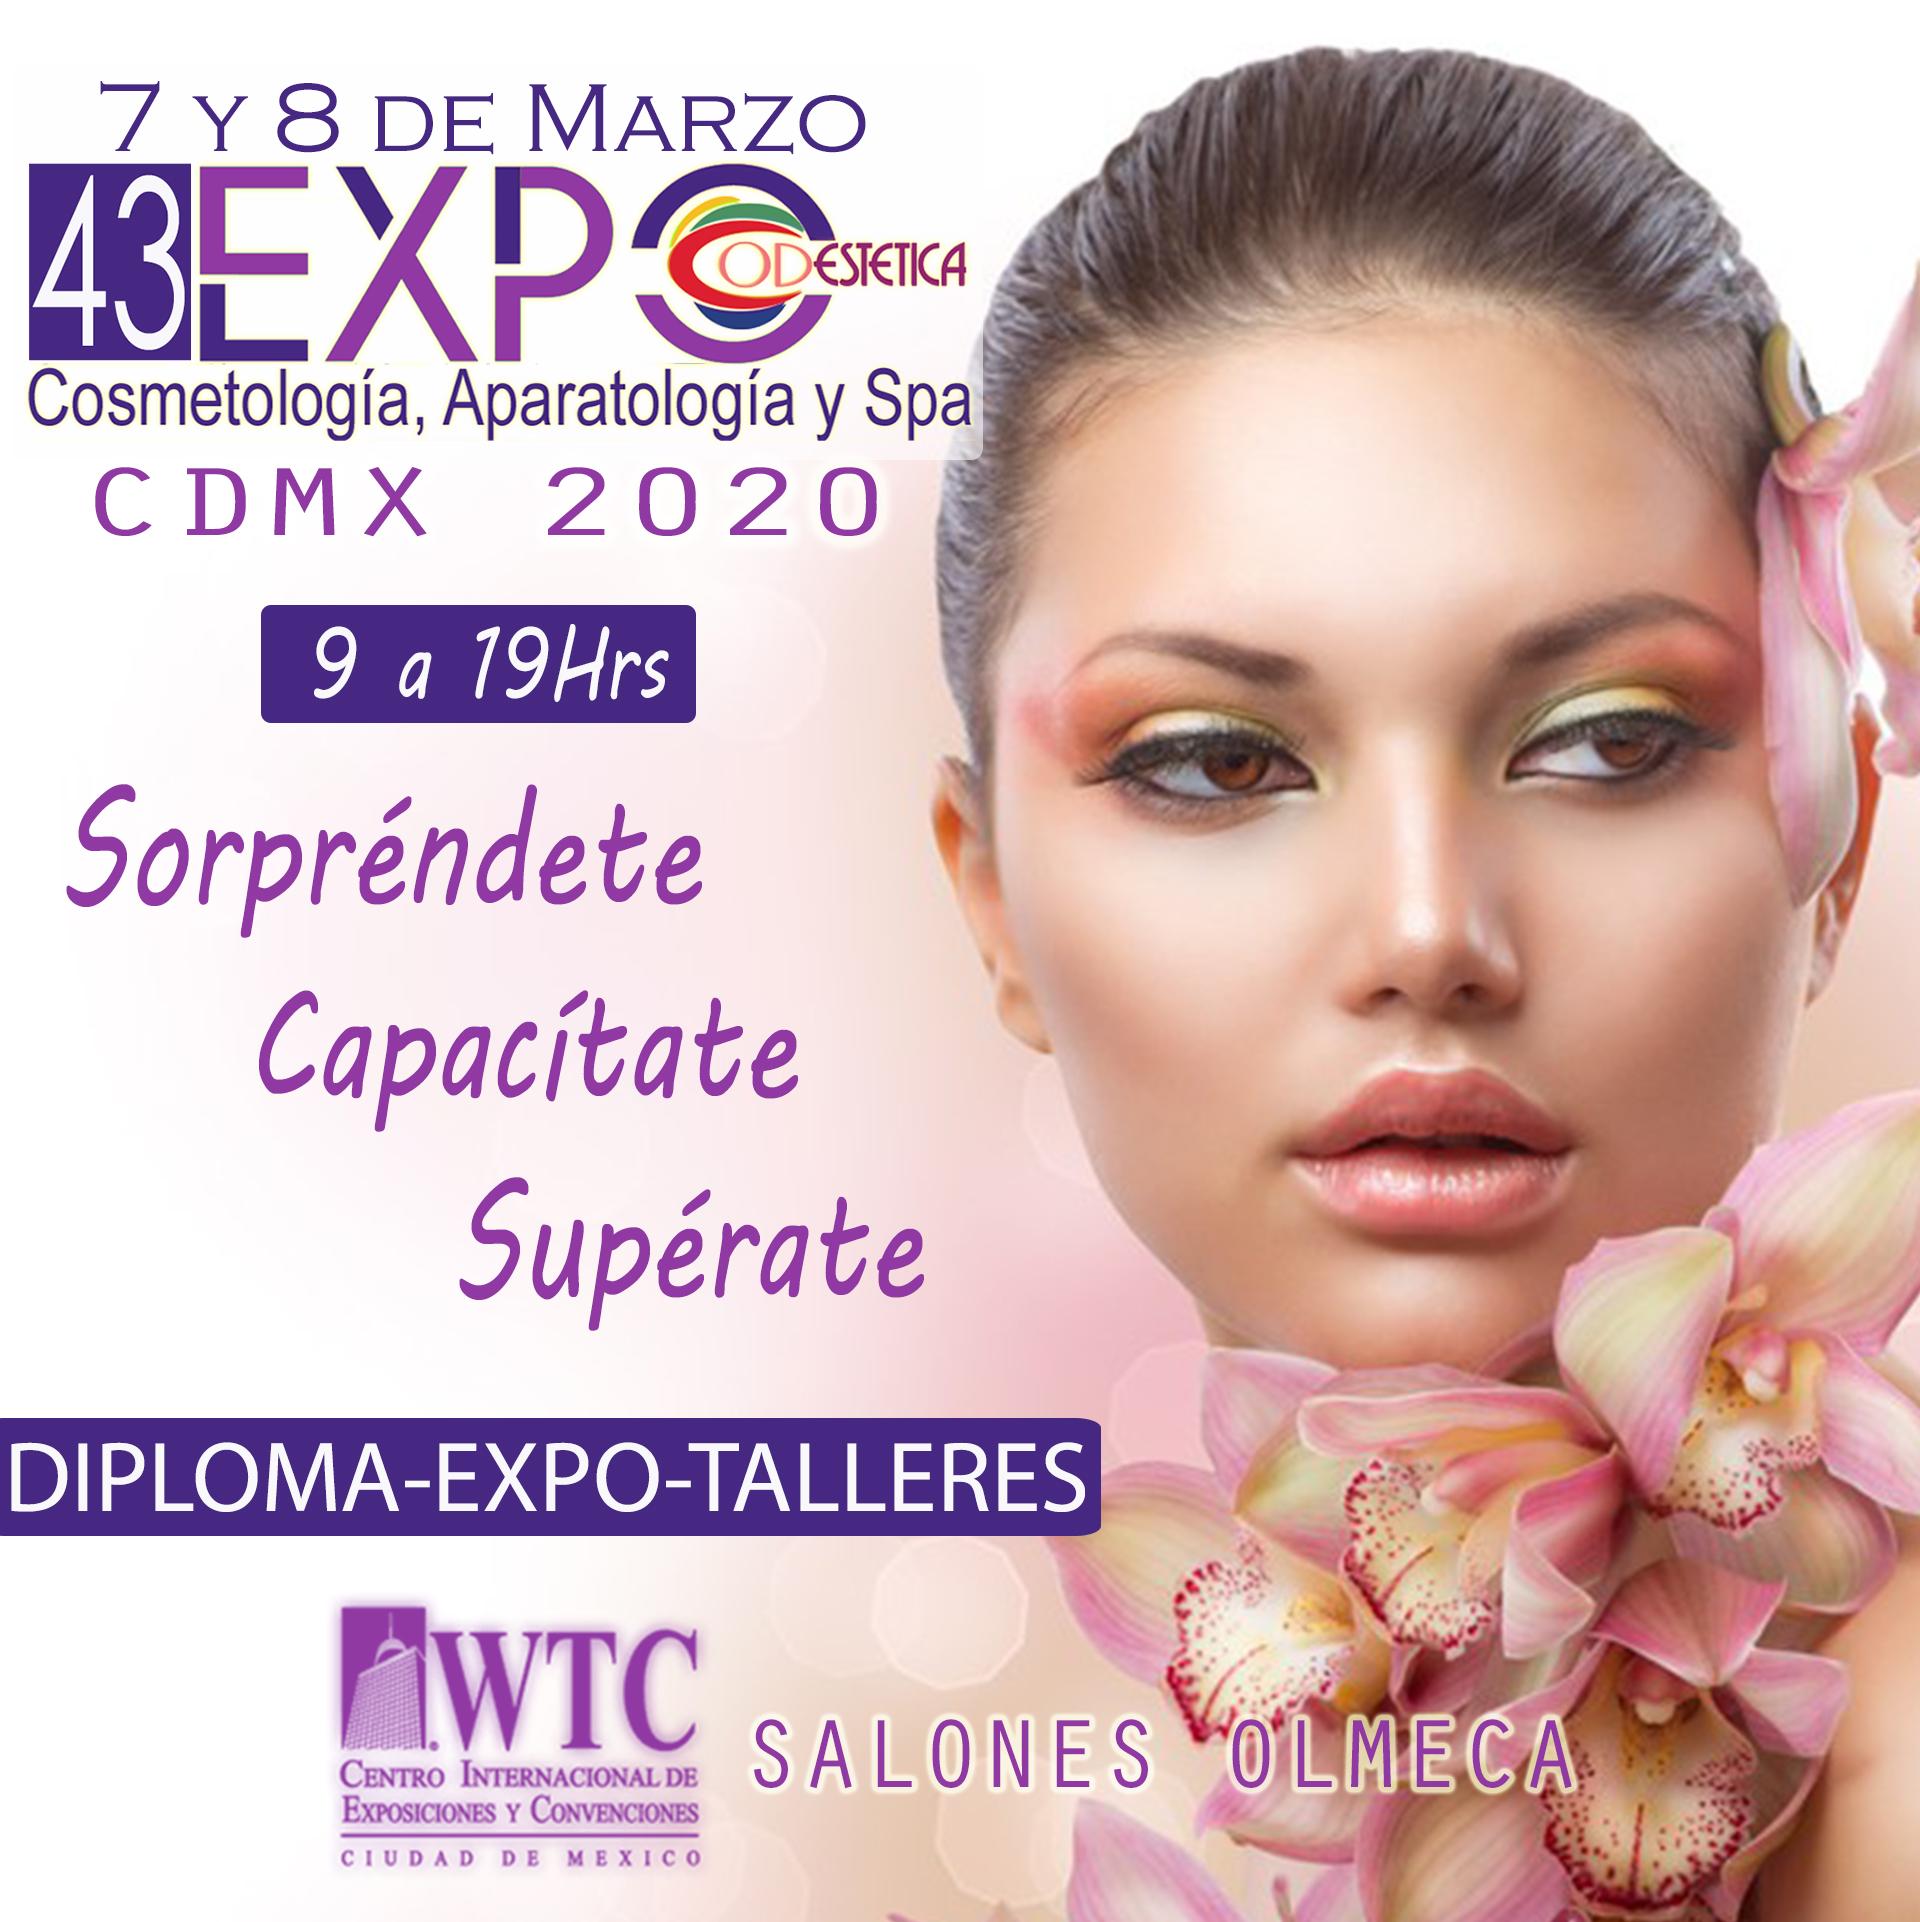 43 EXPO CODESTETICA CDMX